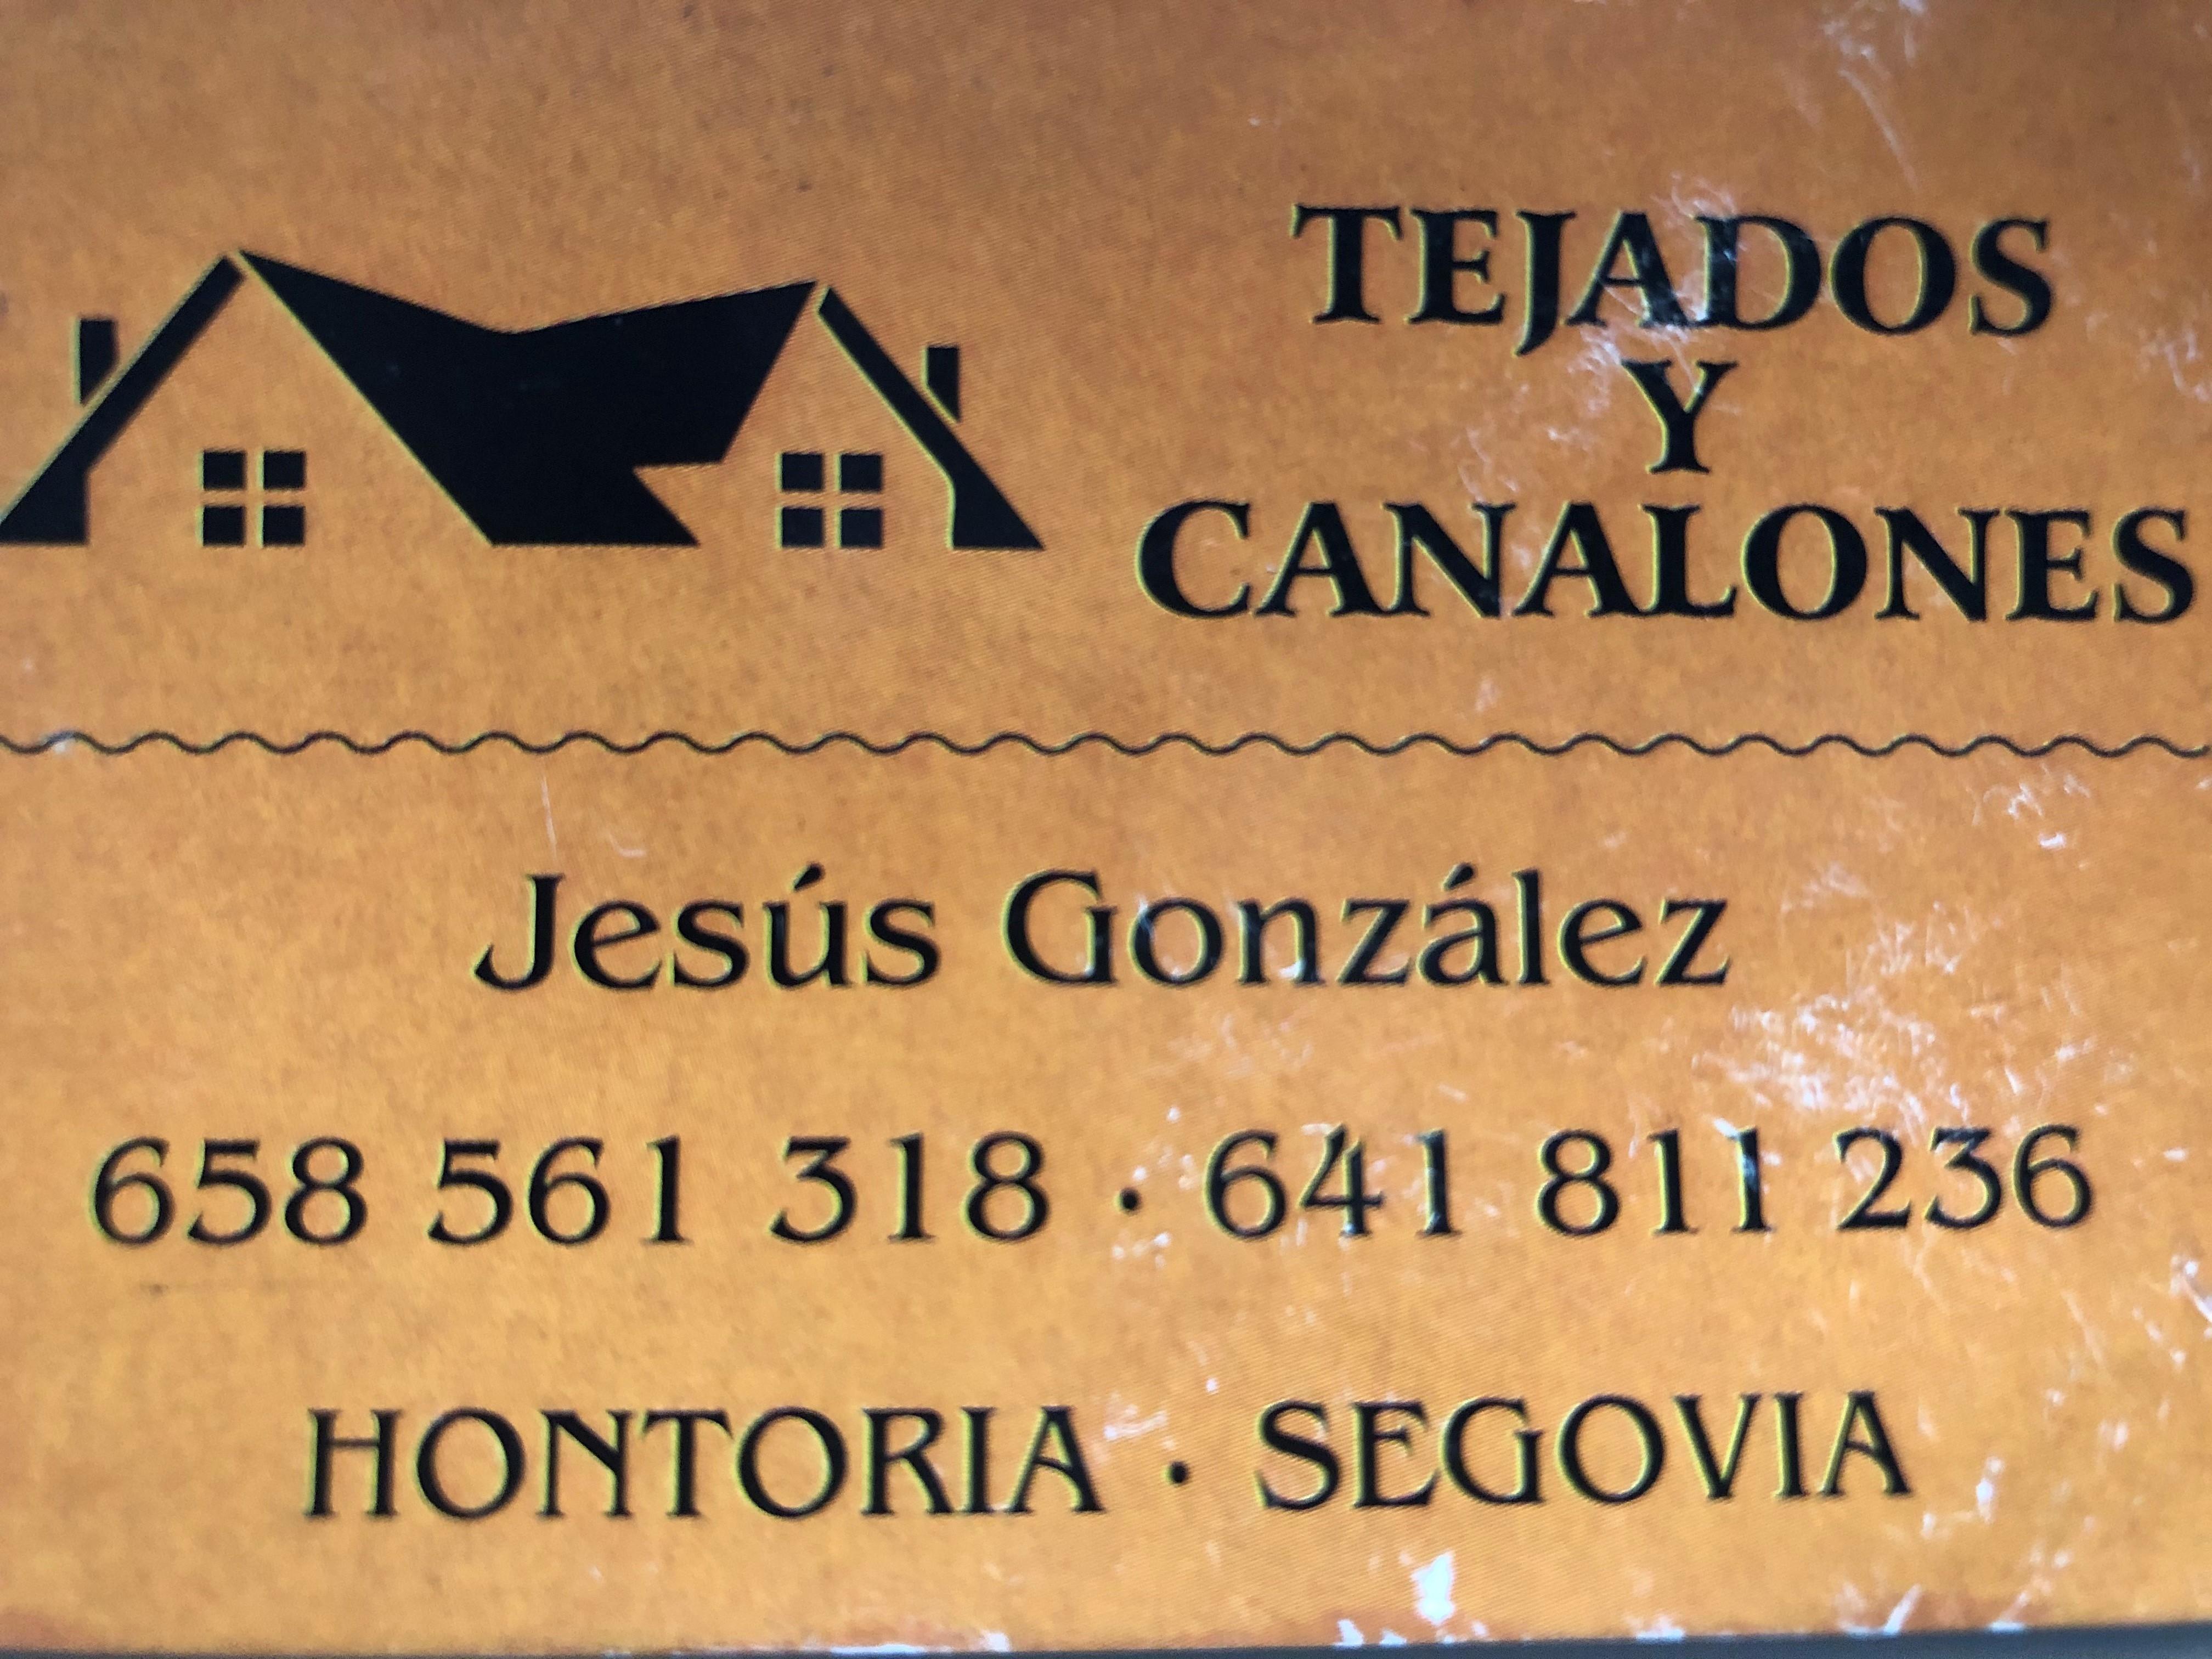 TEJADOS Y CANALONES JESUS GONZALEZ